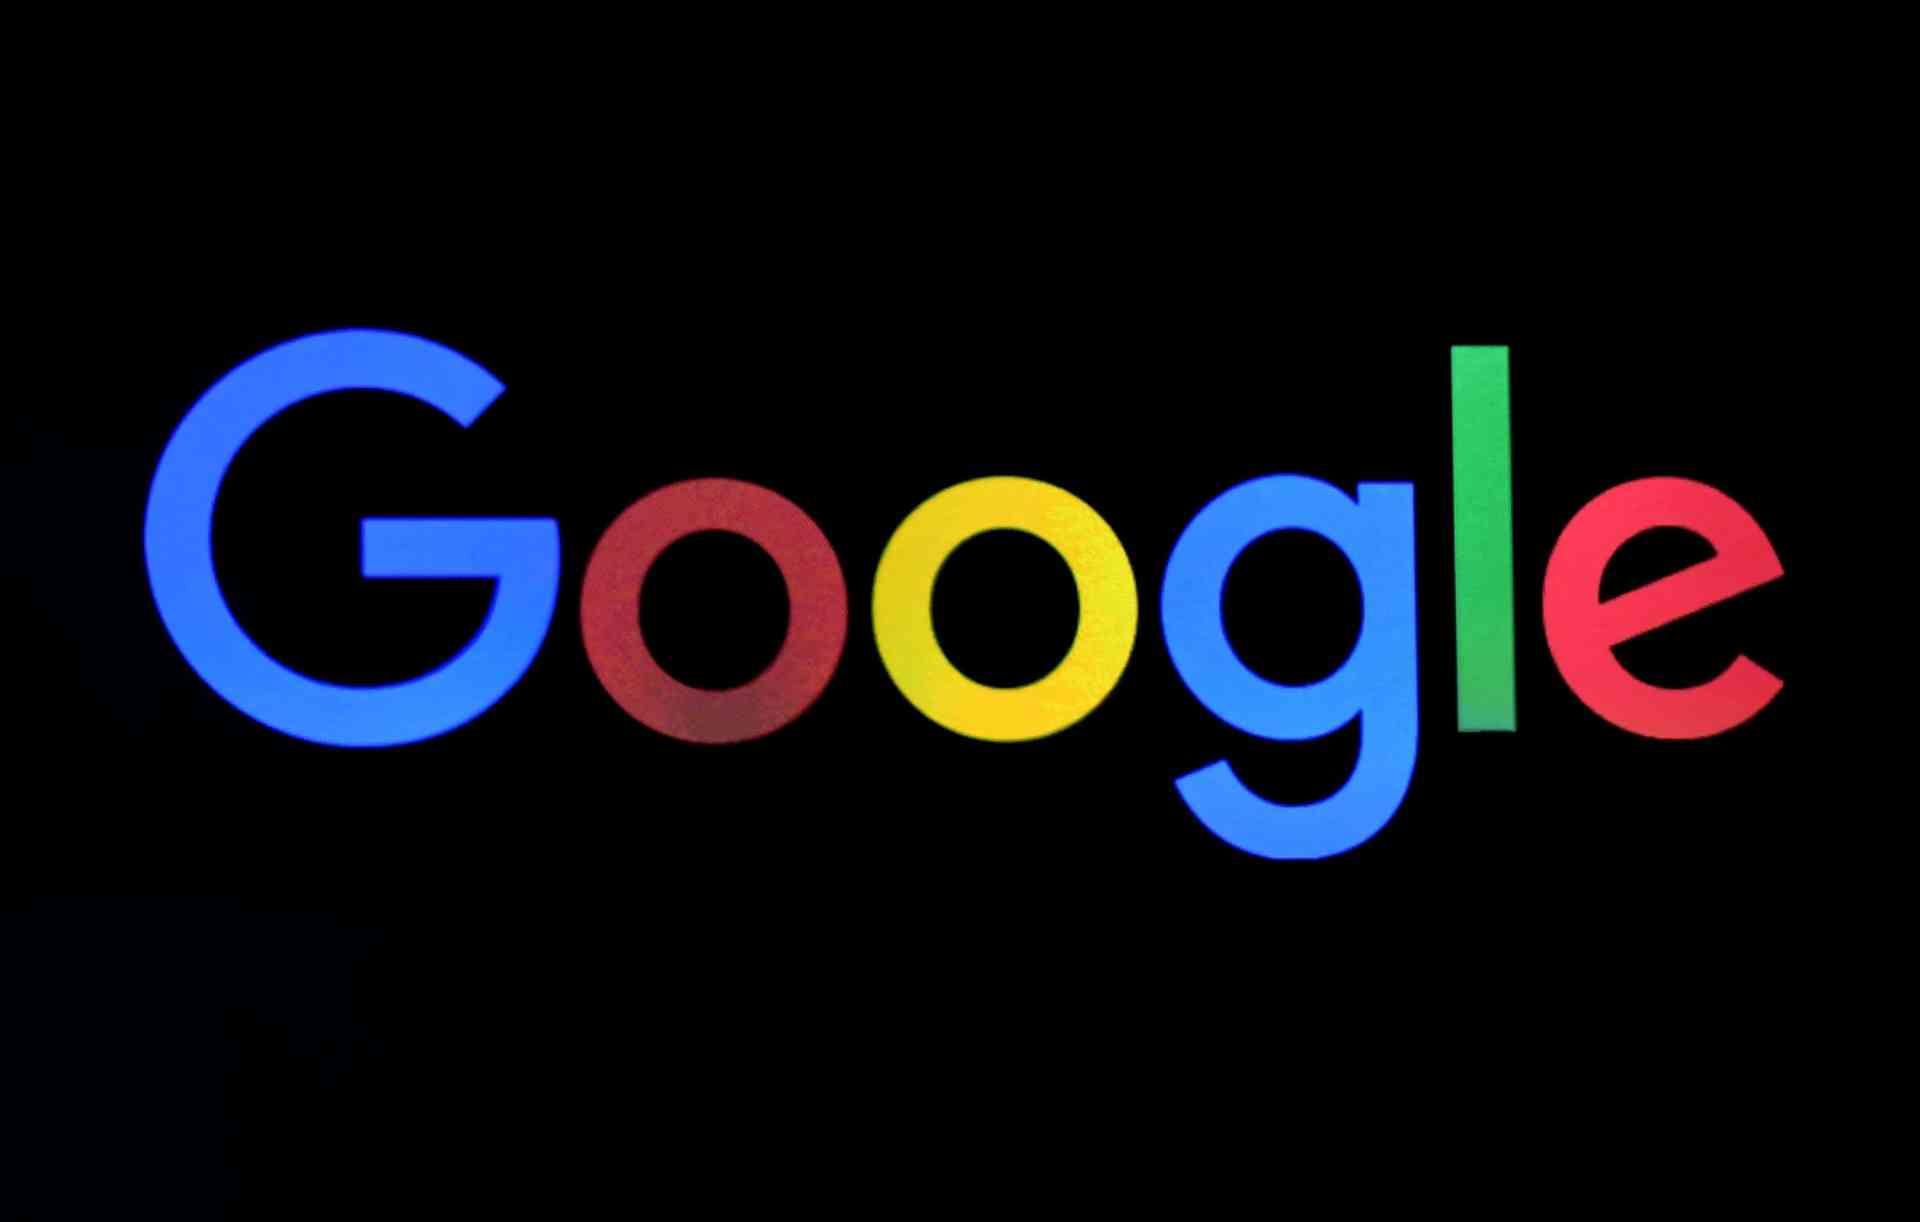 تعمل جوجل على تغيير خوارزمية البحث لتحديد أولويات ظهور التقارير الإخبارية